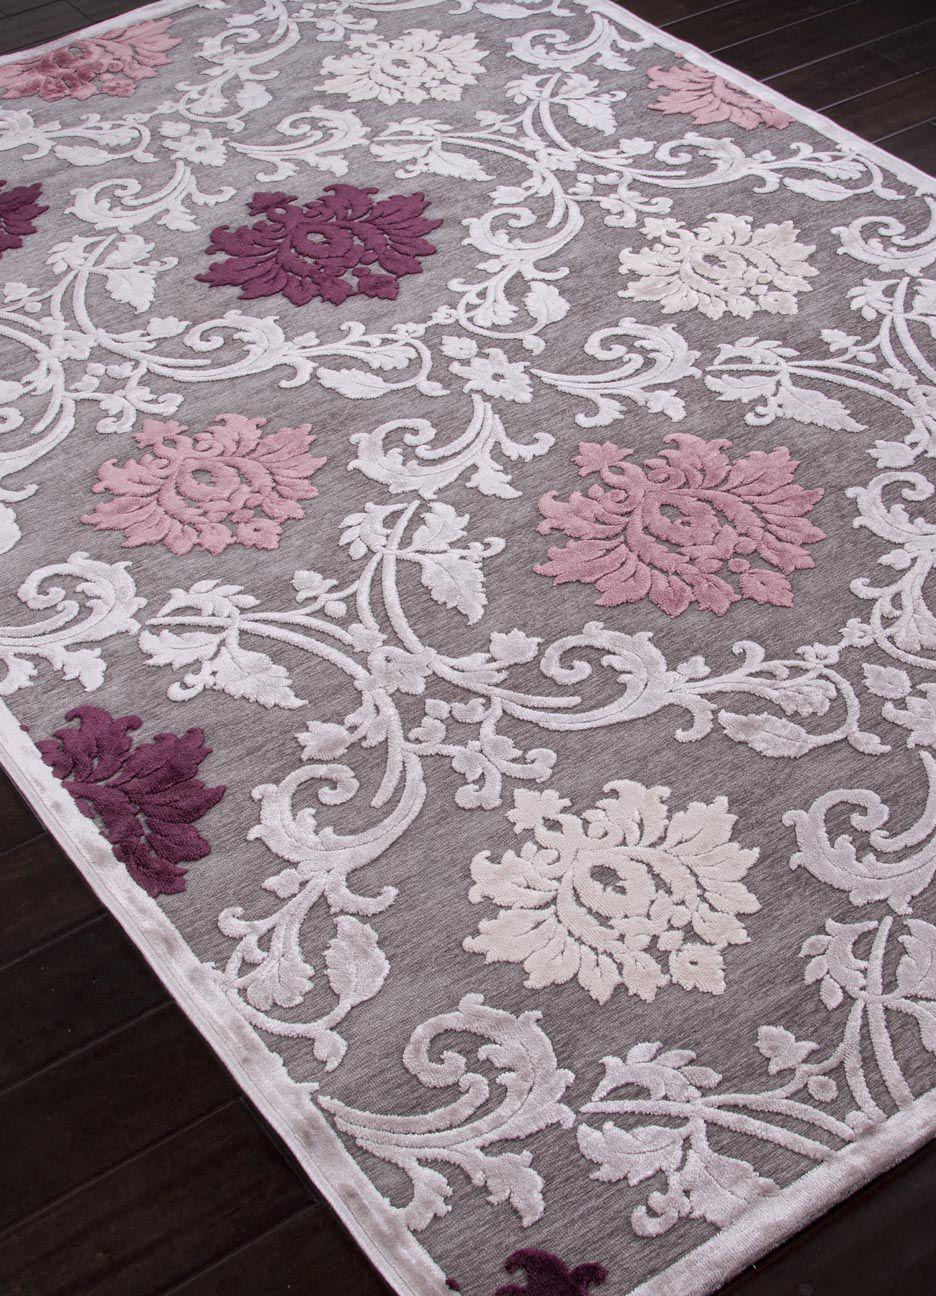 ^ 1000+ ideas about Purple rea ugs on Pinterest  rea rugs, ugs ...